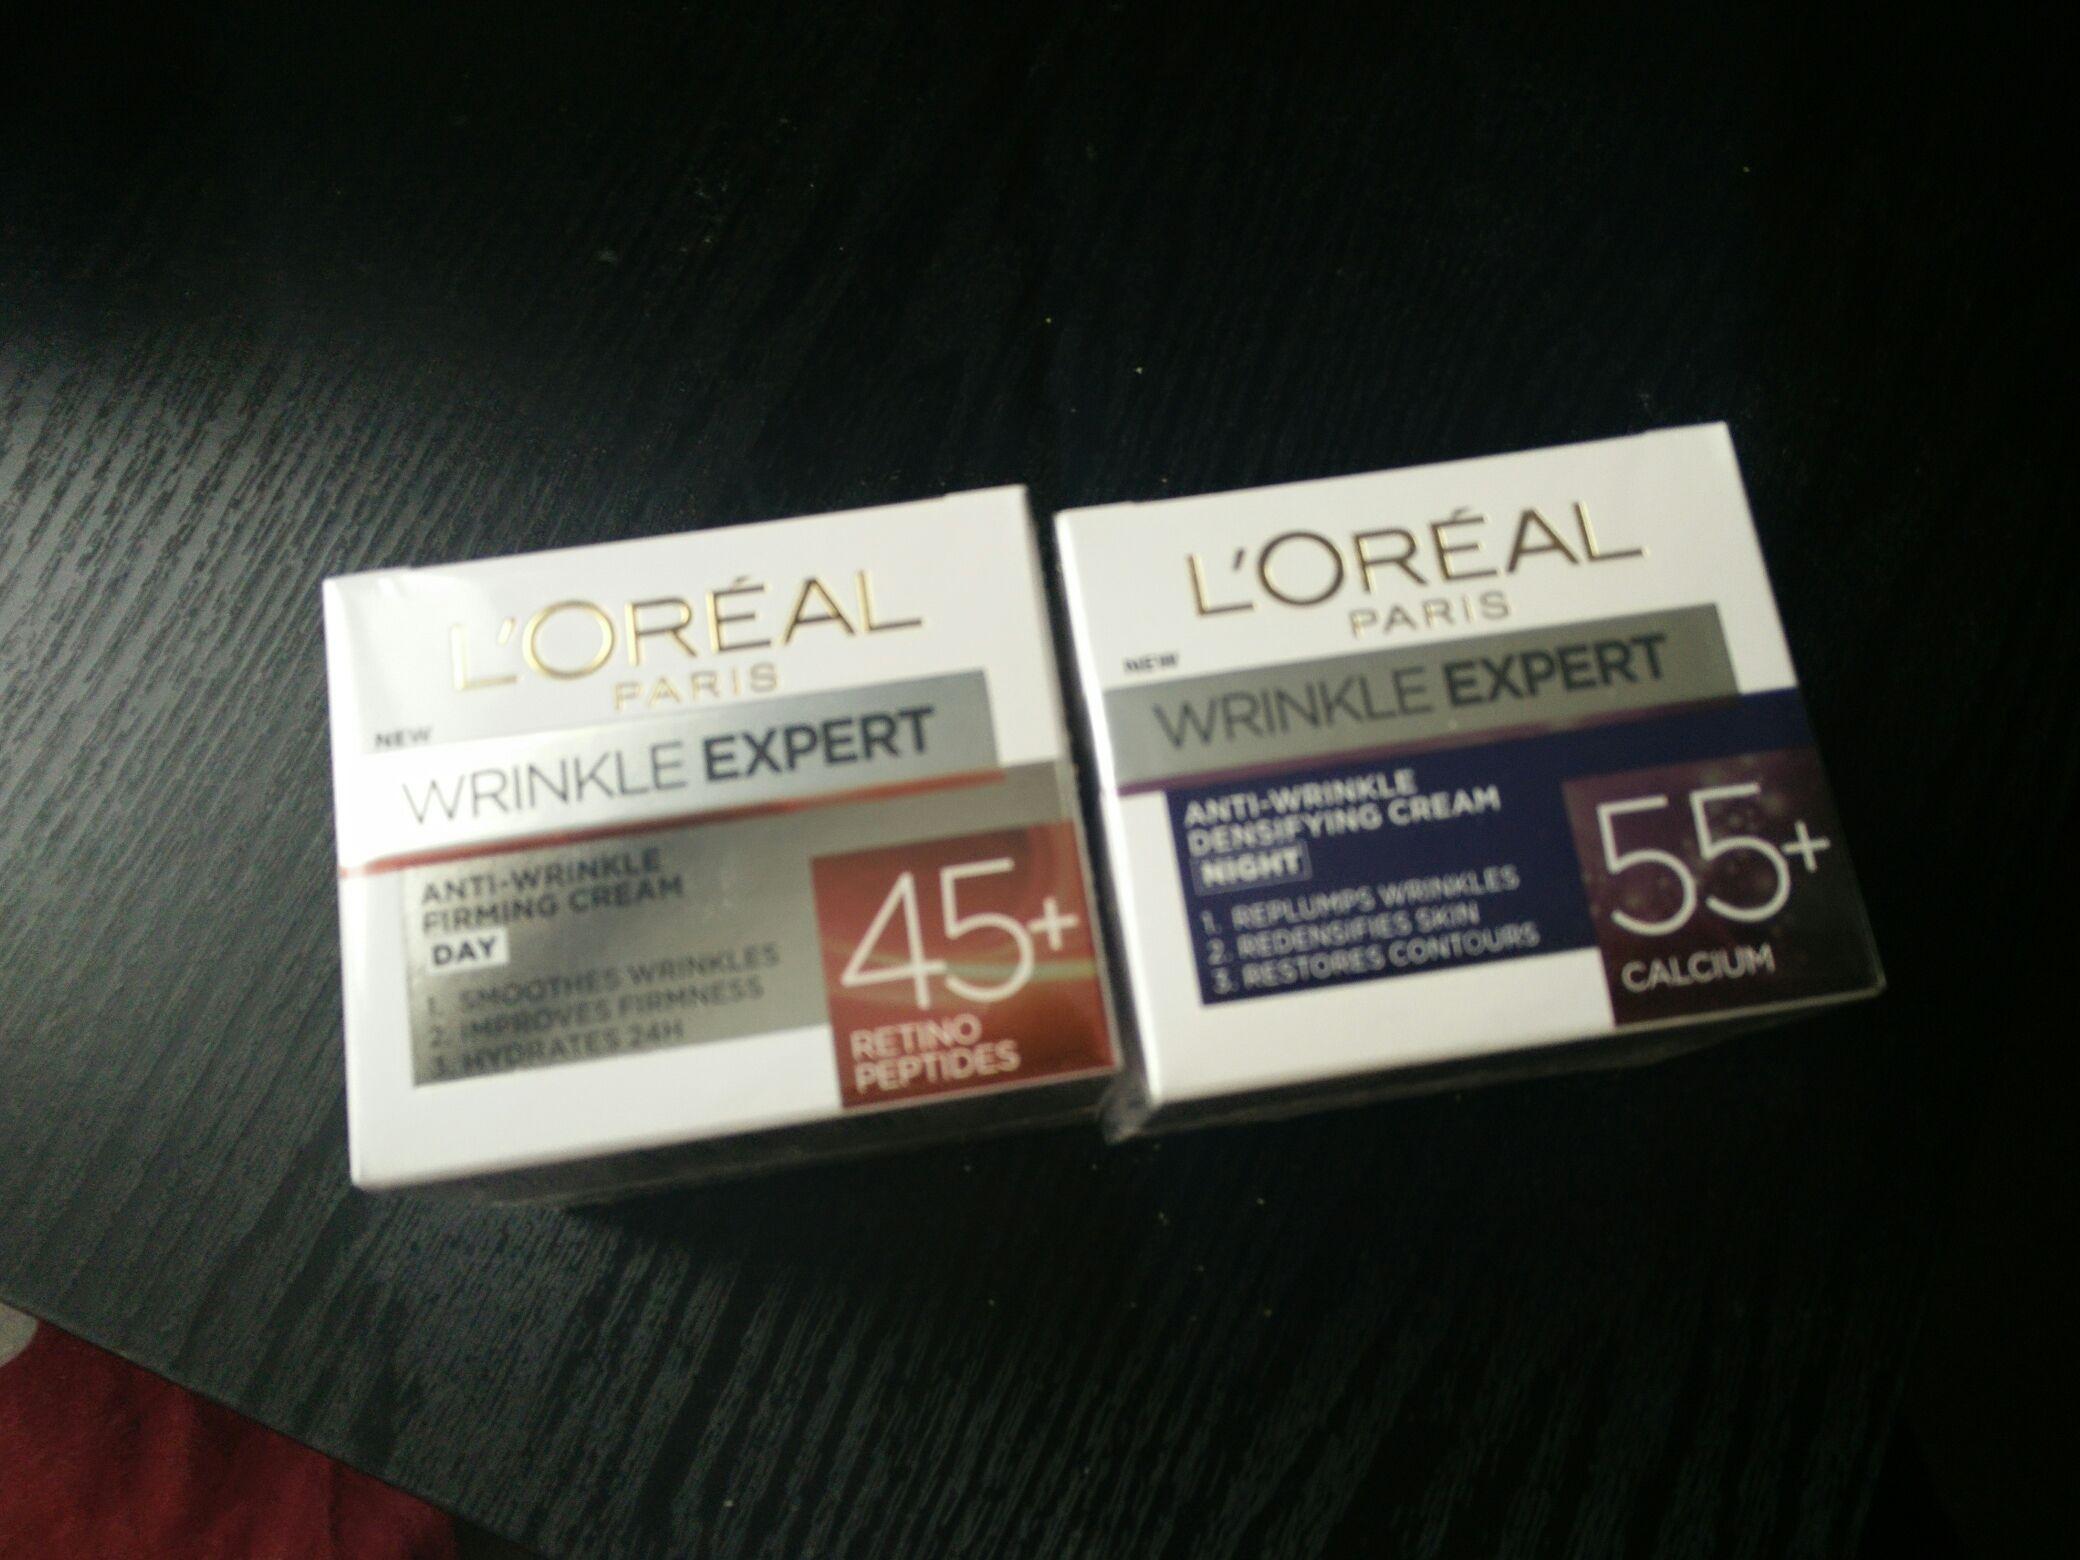 L'oreal Wrinkle Expert - £5 instore @ ASDA (Romford)